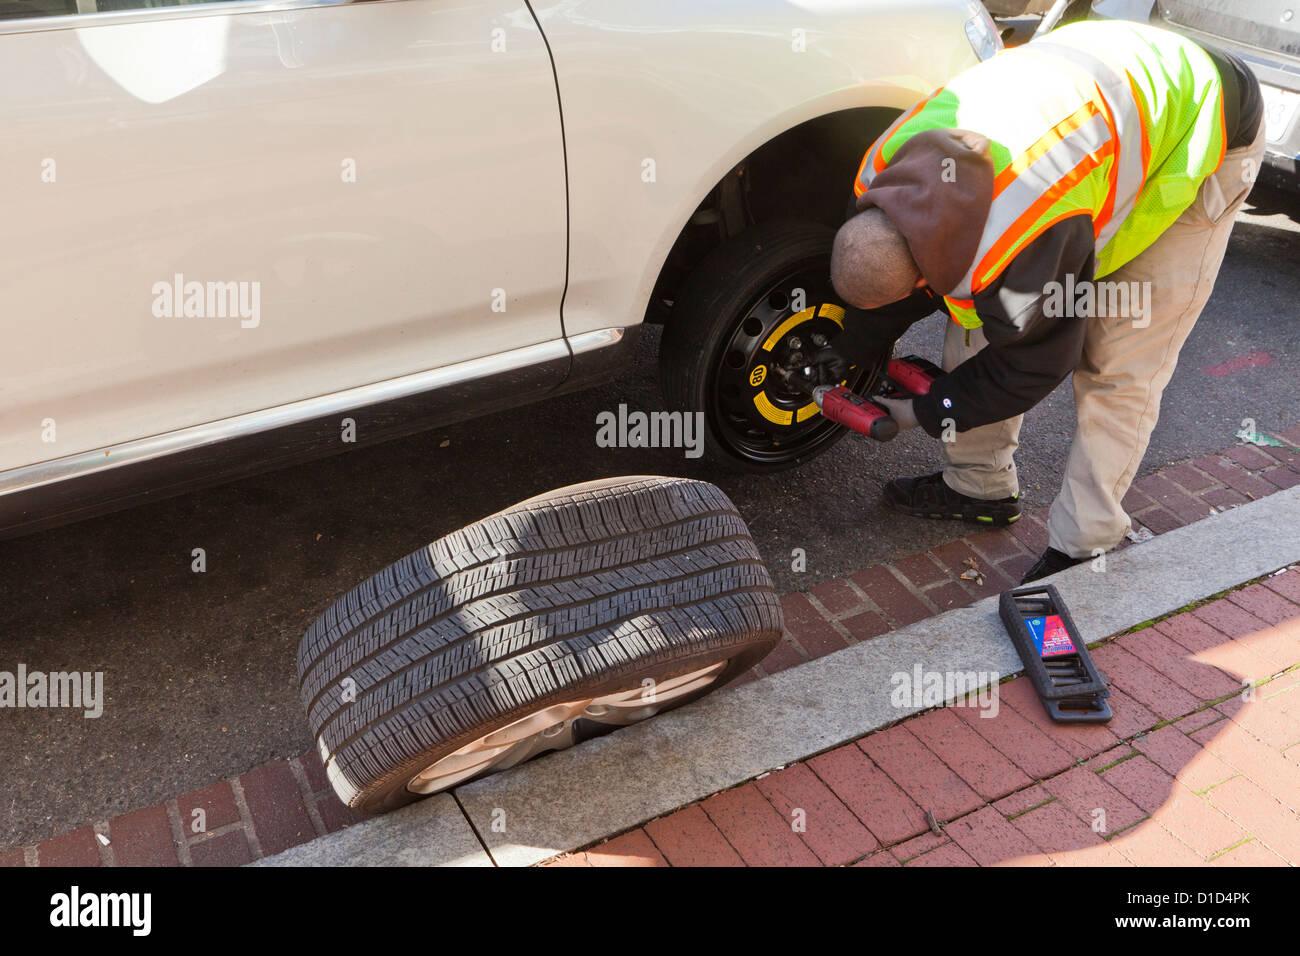 L'uomo modifica di un pneumatico sgonfio Immagini Stock